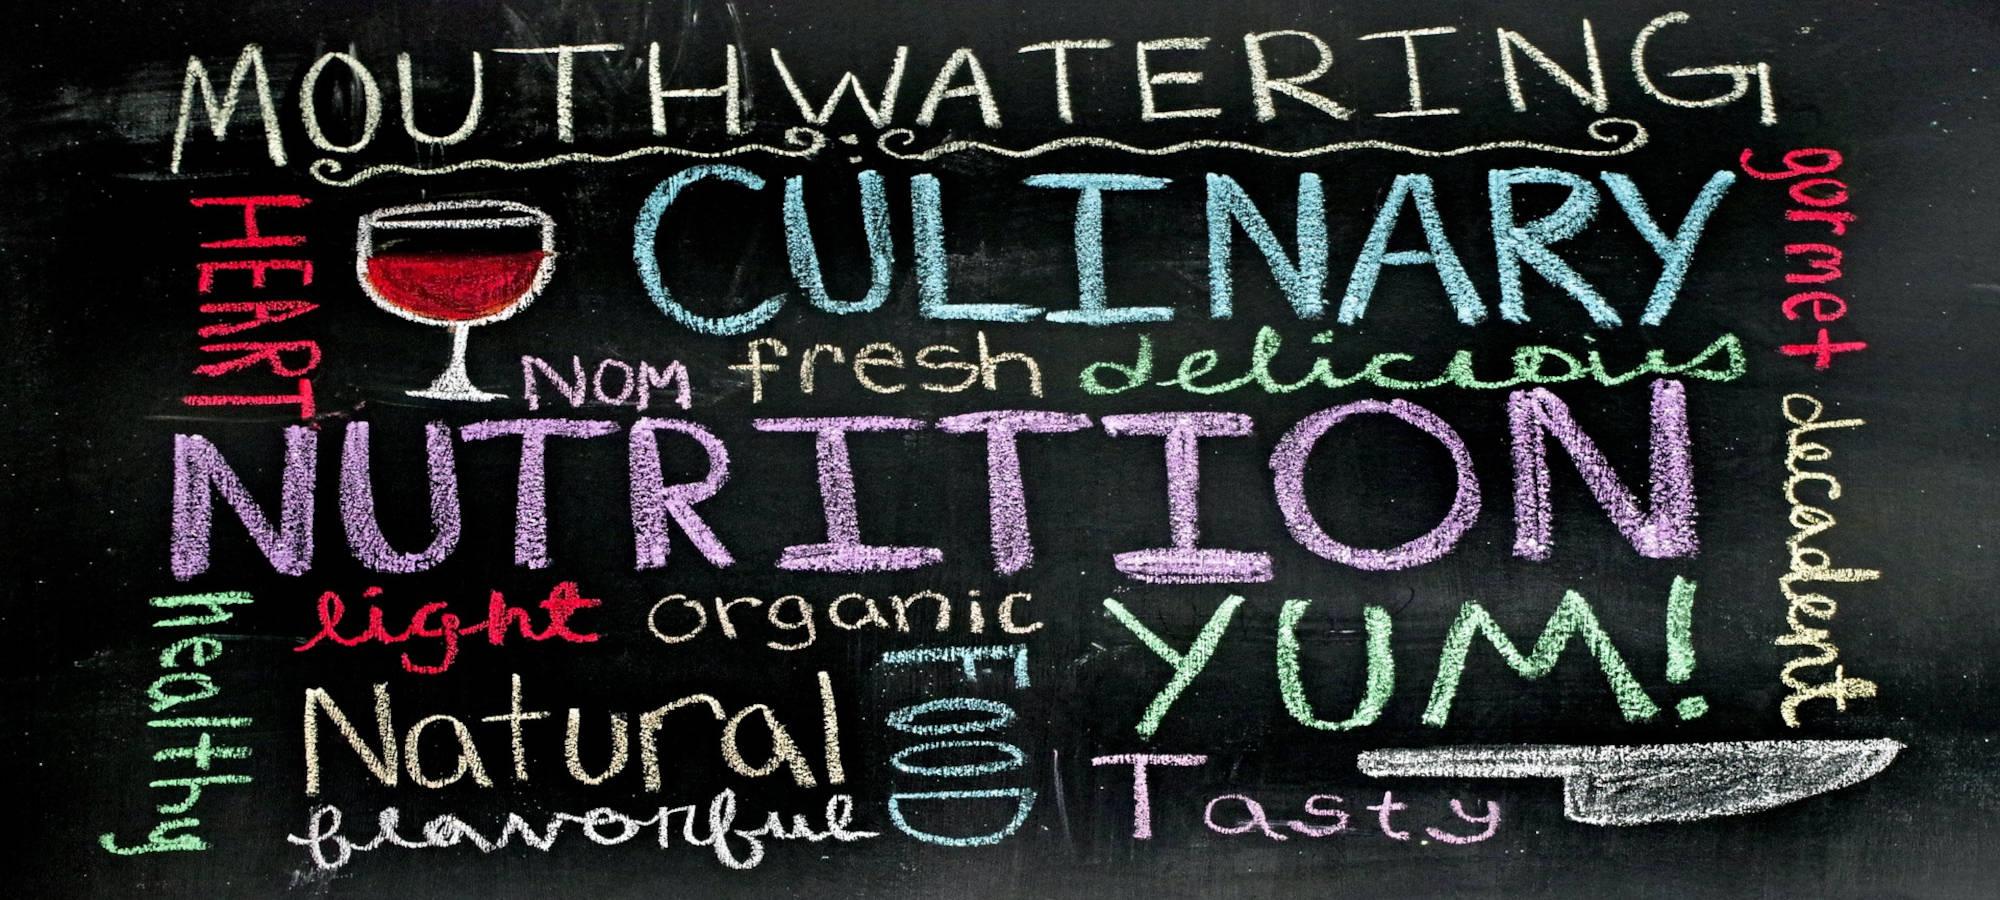 Tafel mit Begriffen rund um das Thema Essen, © pixabay